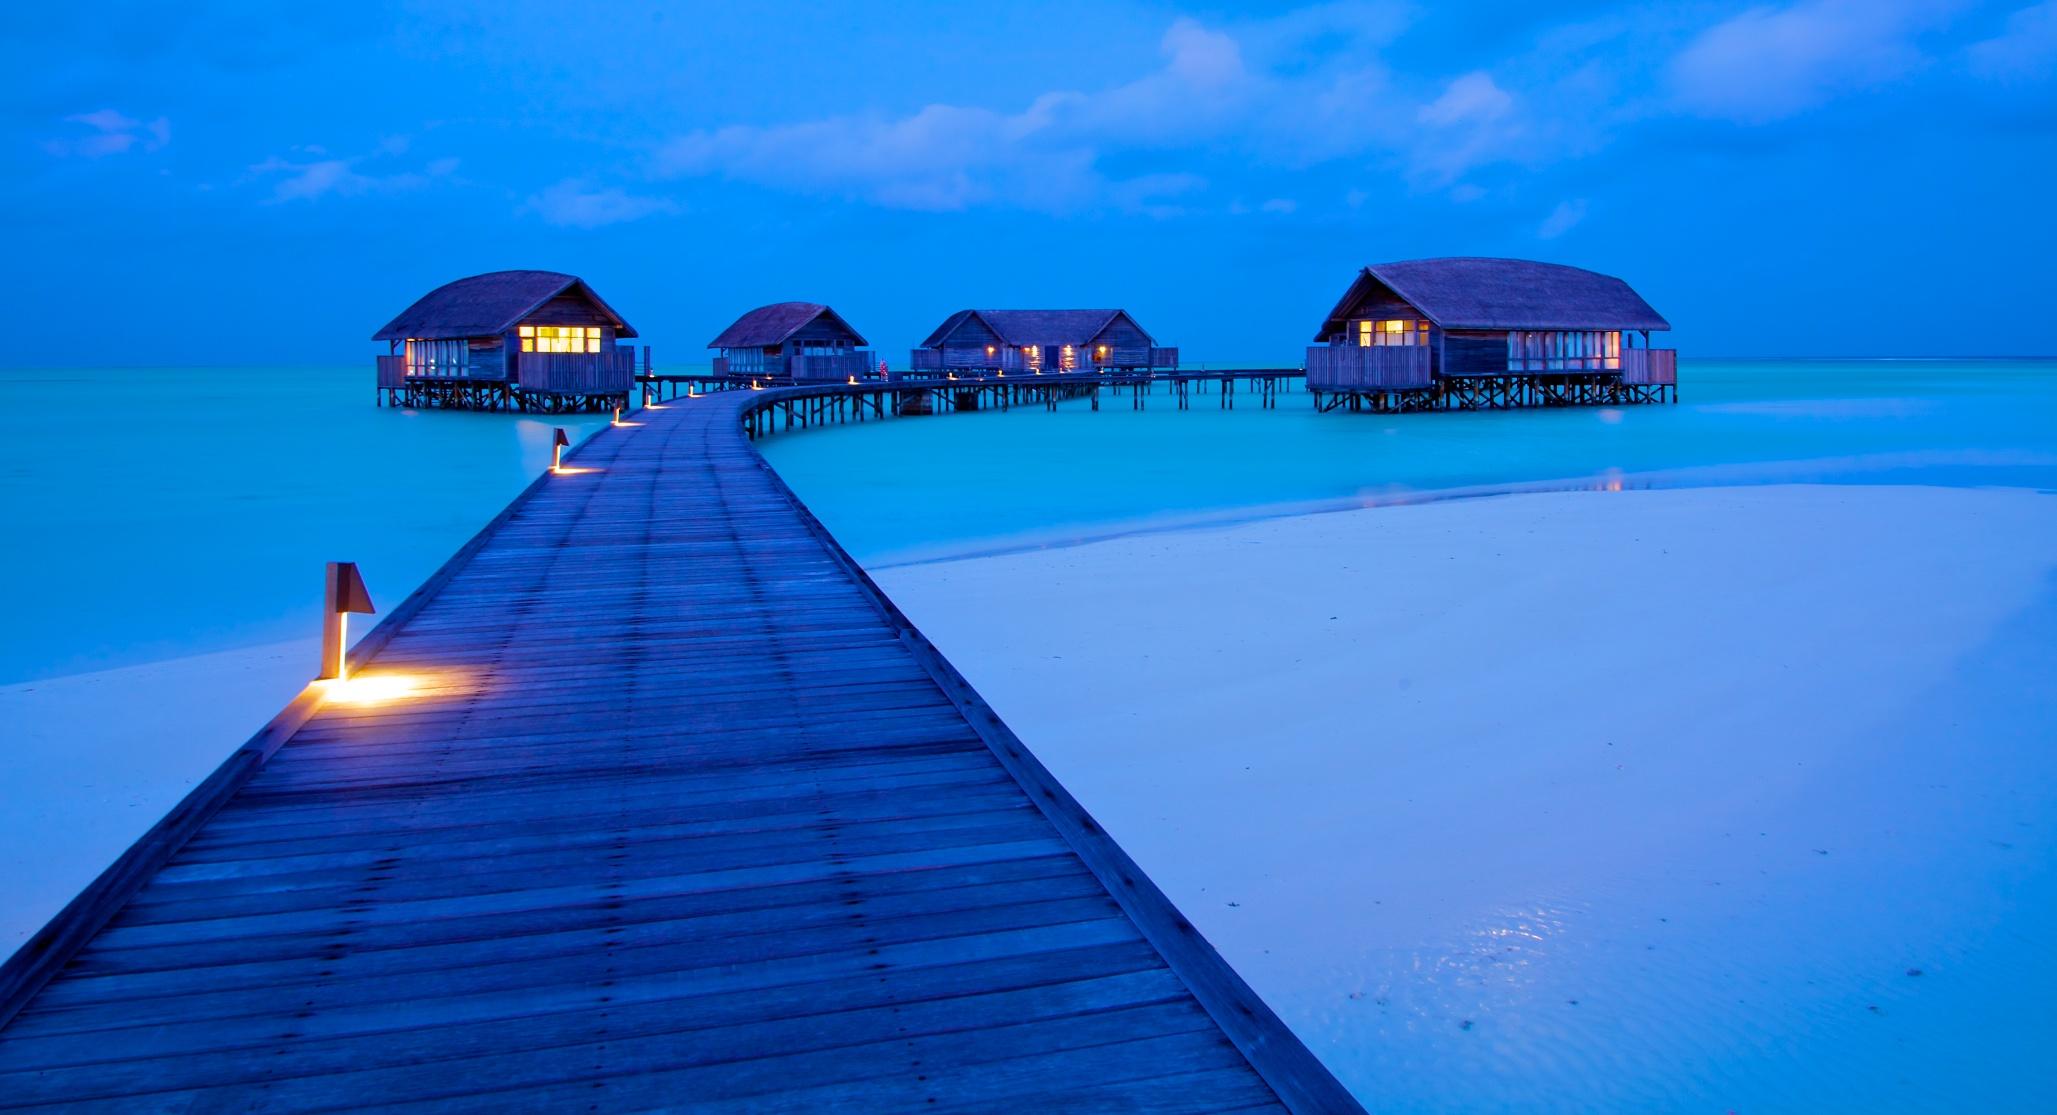 Μαλδίβες: 10+1 μαγευτικές φωτογραφίες του Pinterest που θα σας ταξιδέψουν! (photos)